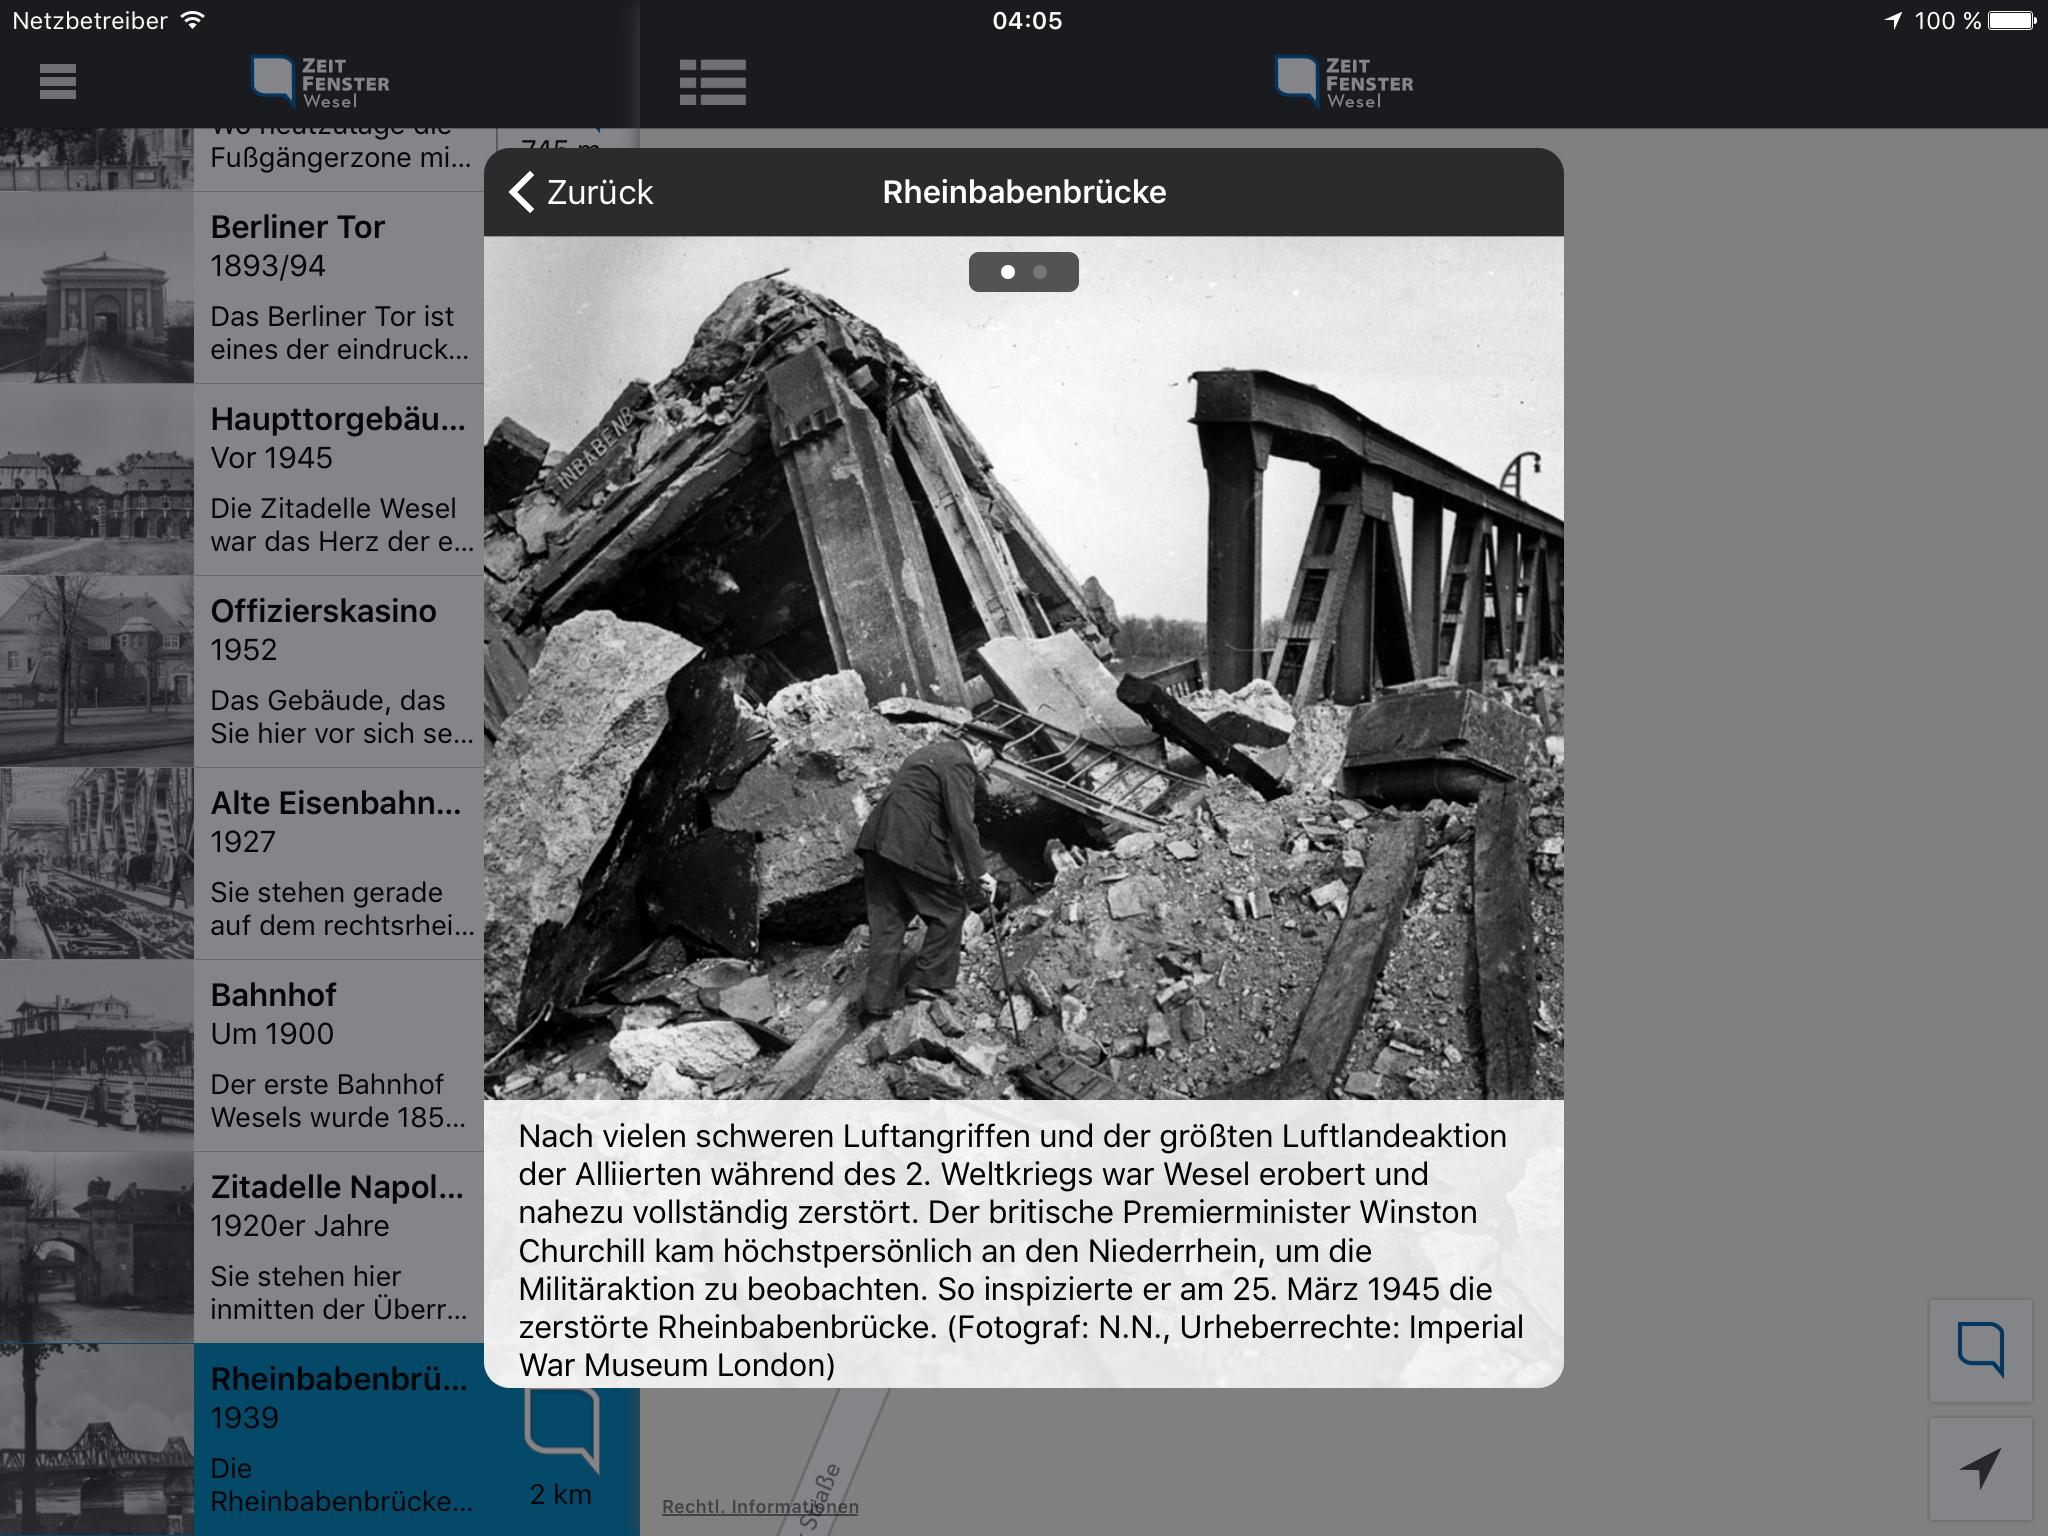 zeitfenster_wesel_app_rheinbabenbruecke